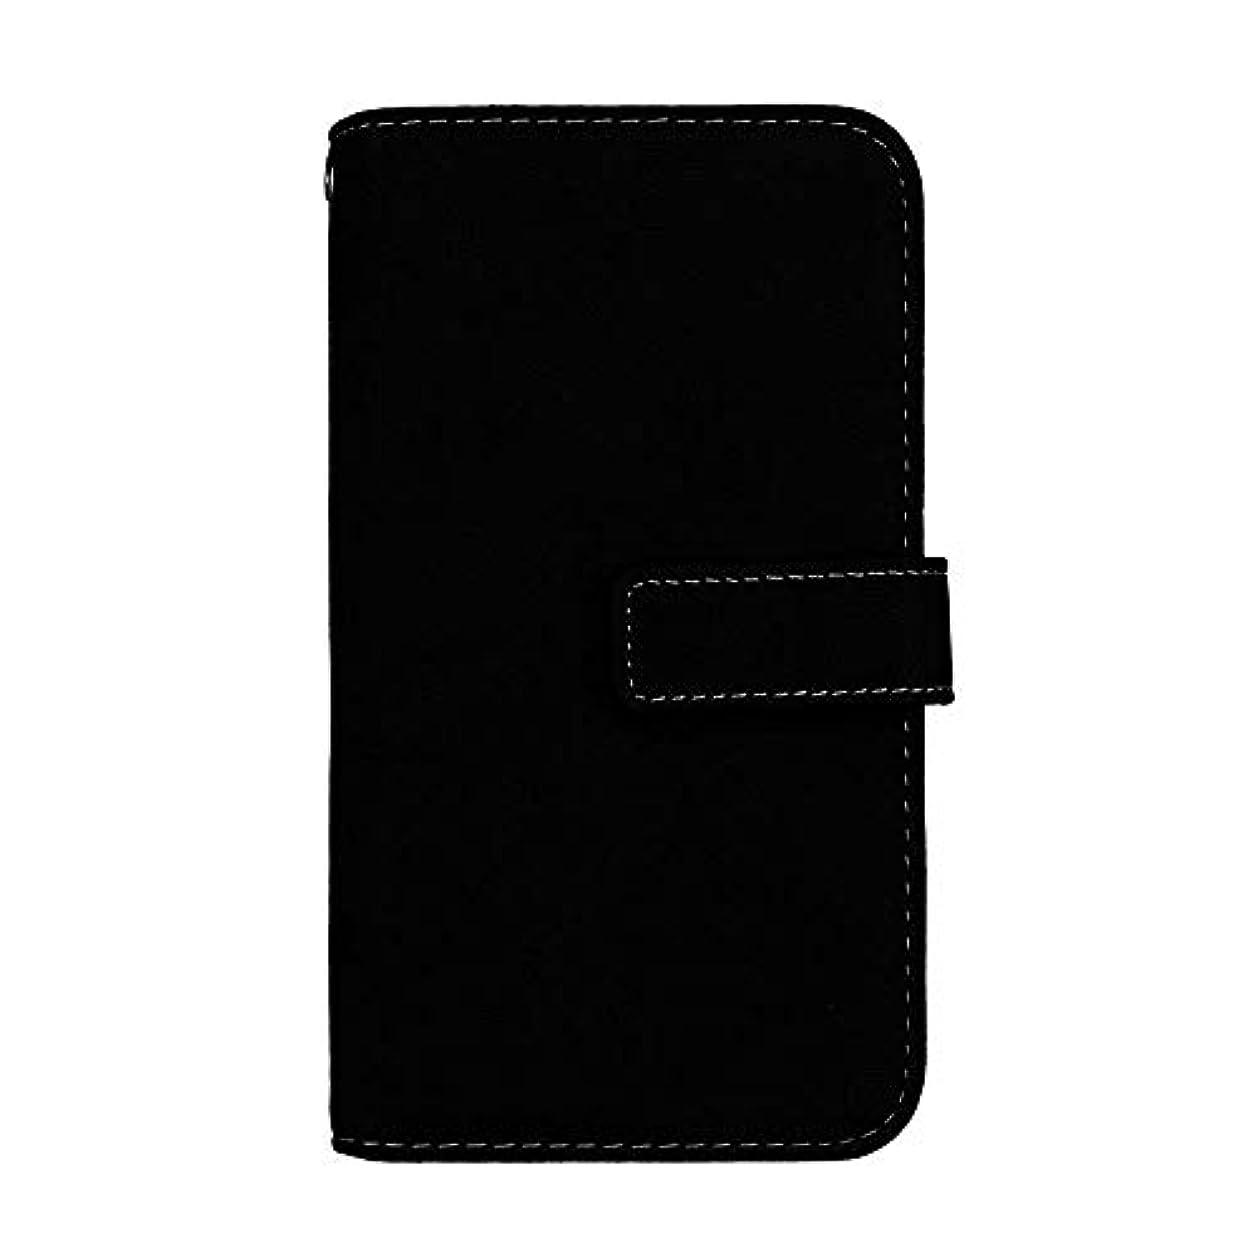 スカウト人里離れた短くするGalaxy J2 Pro 2018 高品質 マグネット ケース, CUNUS 携帯電話 ケース 軽量 柔軟 高品質 耐摩擦 カード収納 カバー Samsung Galaxy J2 Pro 2018 用, ブラック